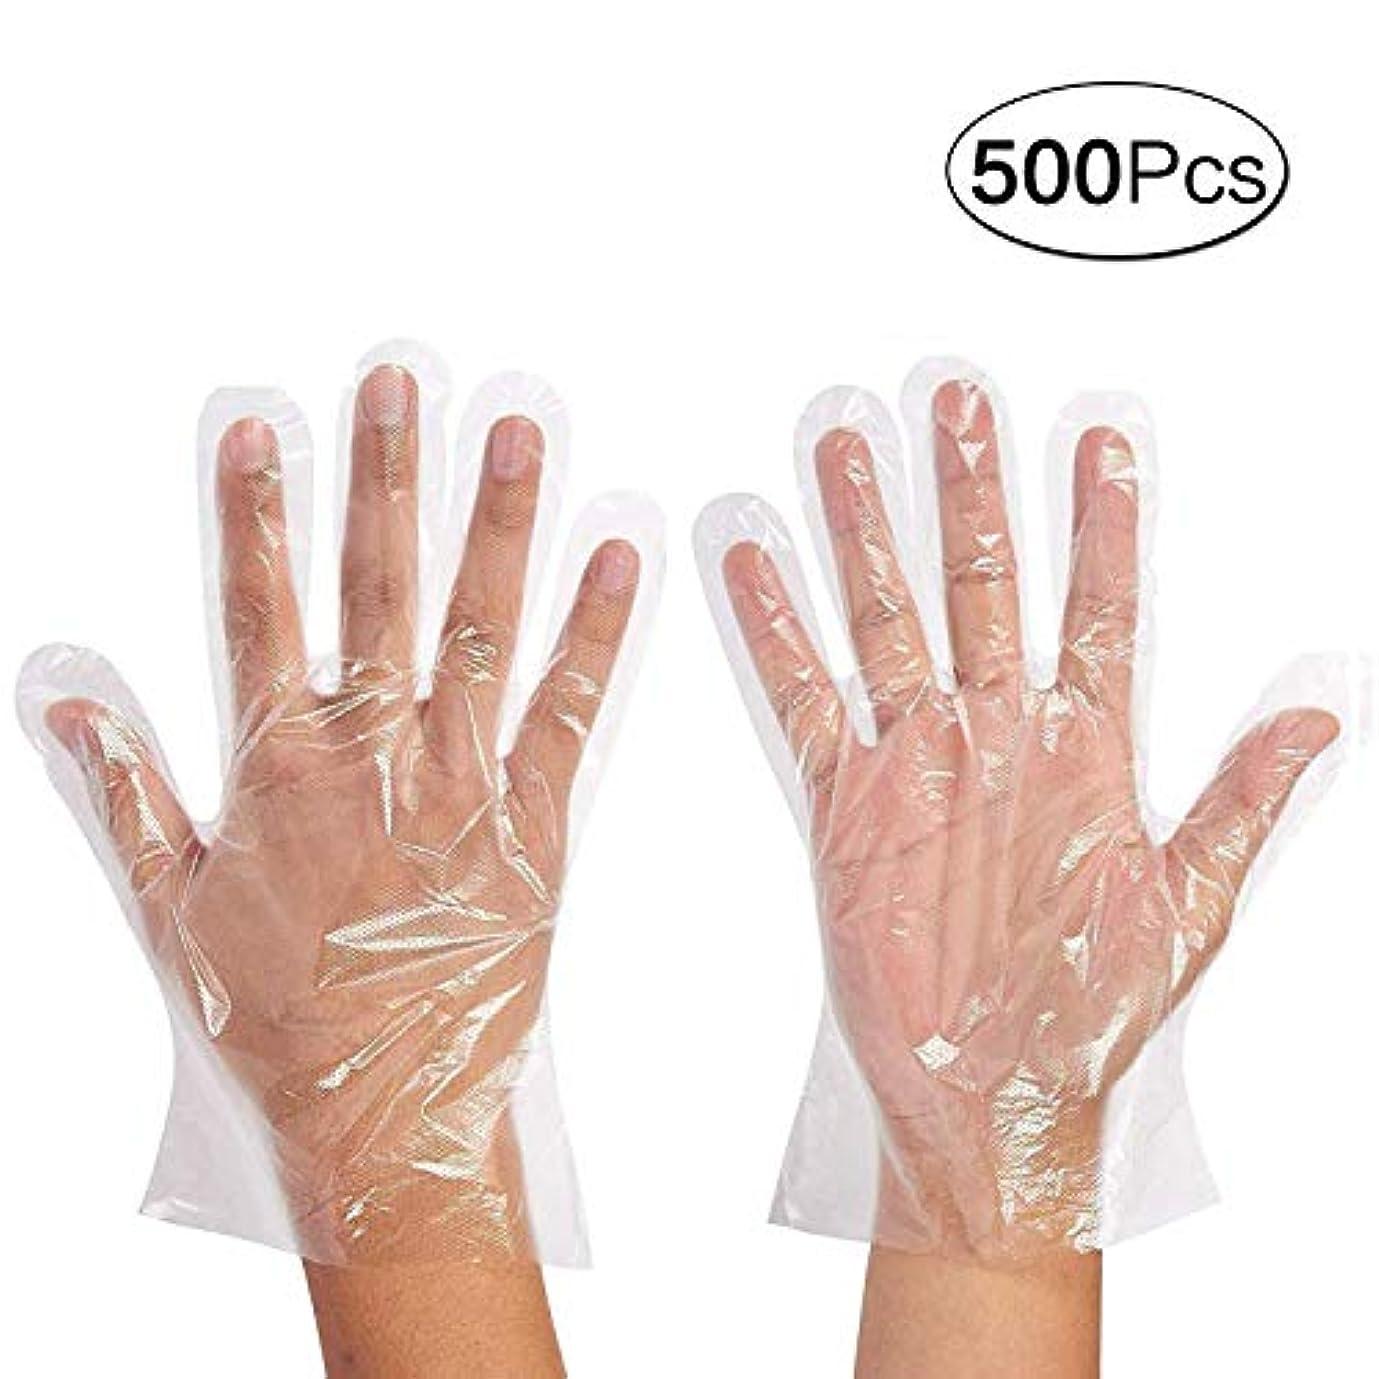 不愉快人間散逸使い捨て手袋 極薄ビニール手袋 ポリエチレン 透明 実用 衛生 500枚セット極薄手袋